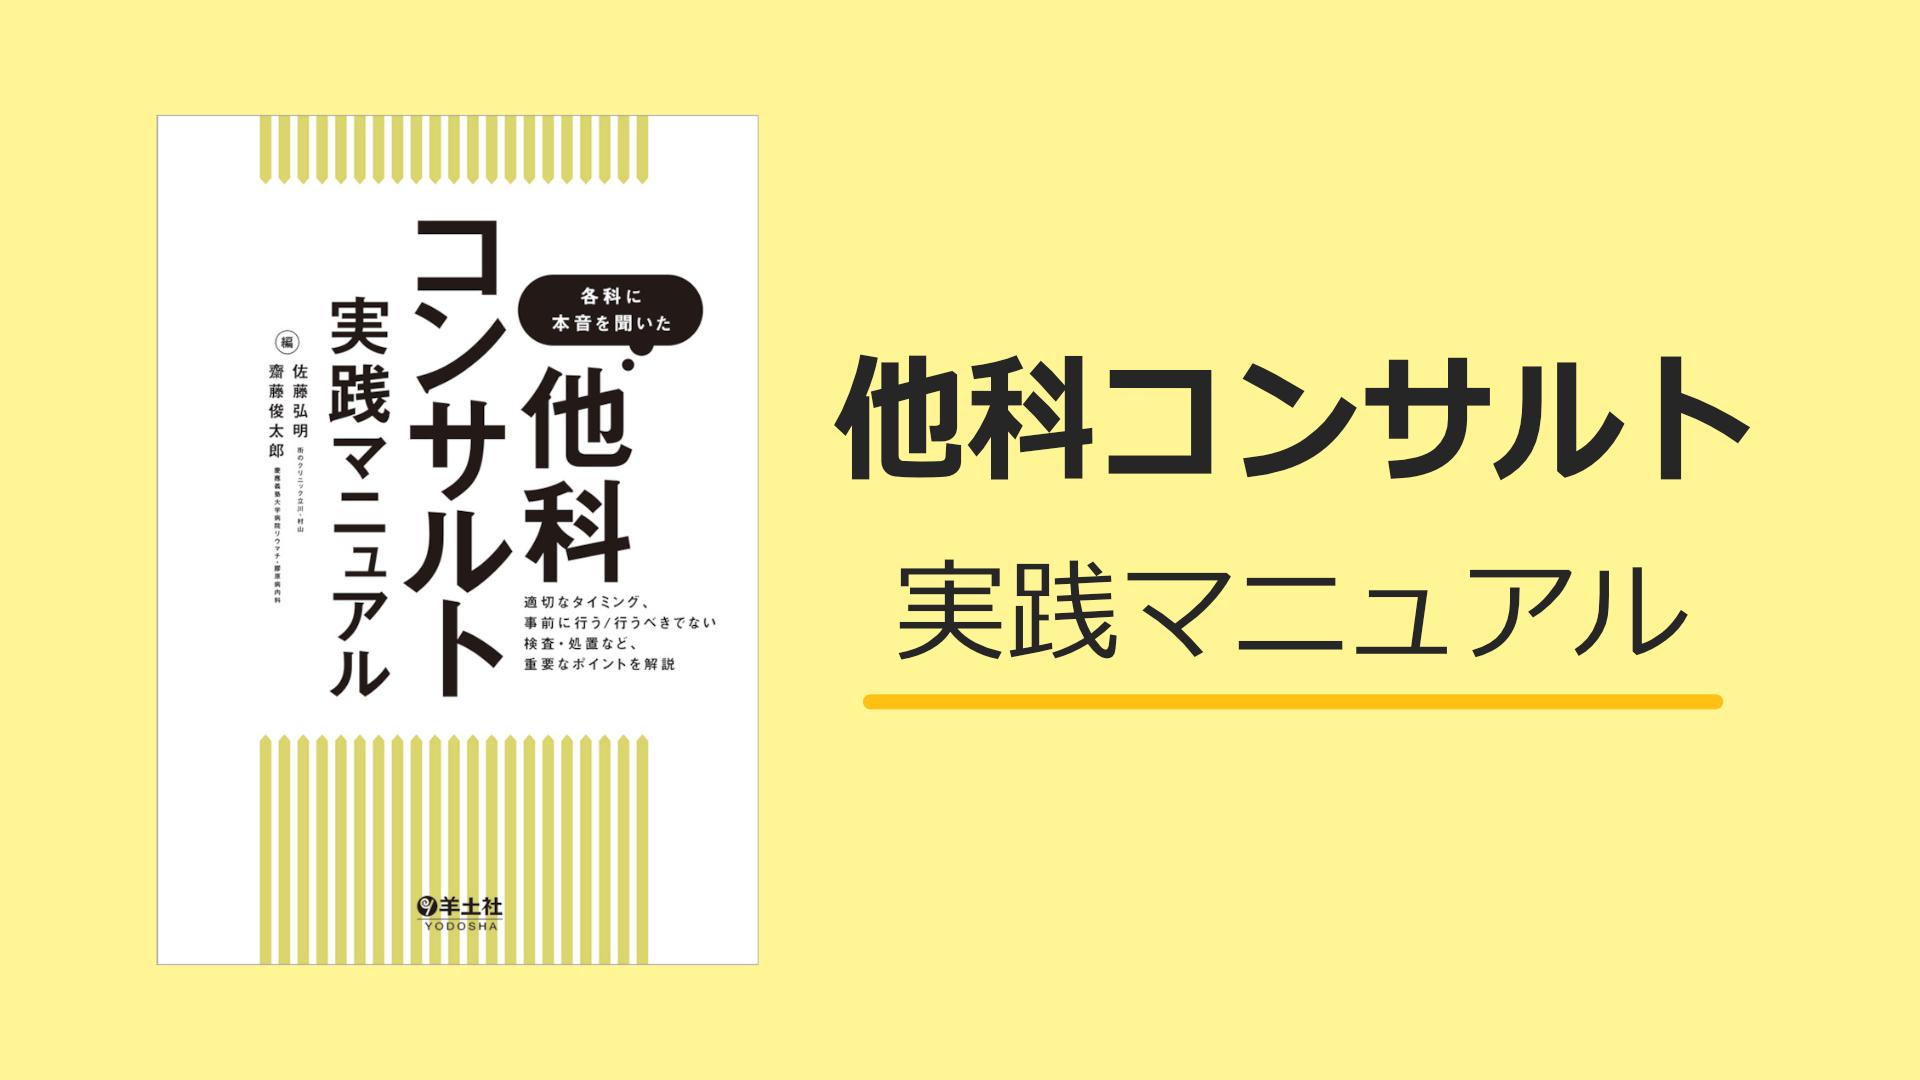 他科コンサルト実践マニュアル_1920px